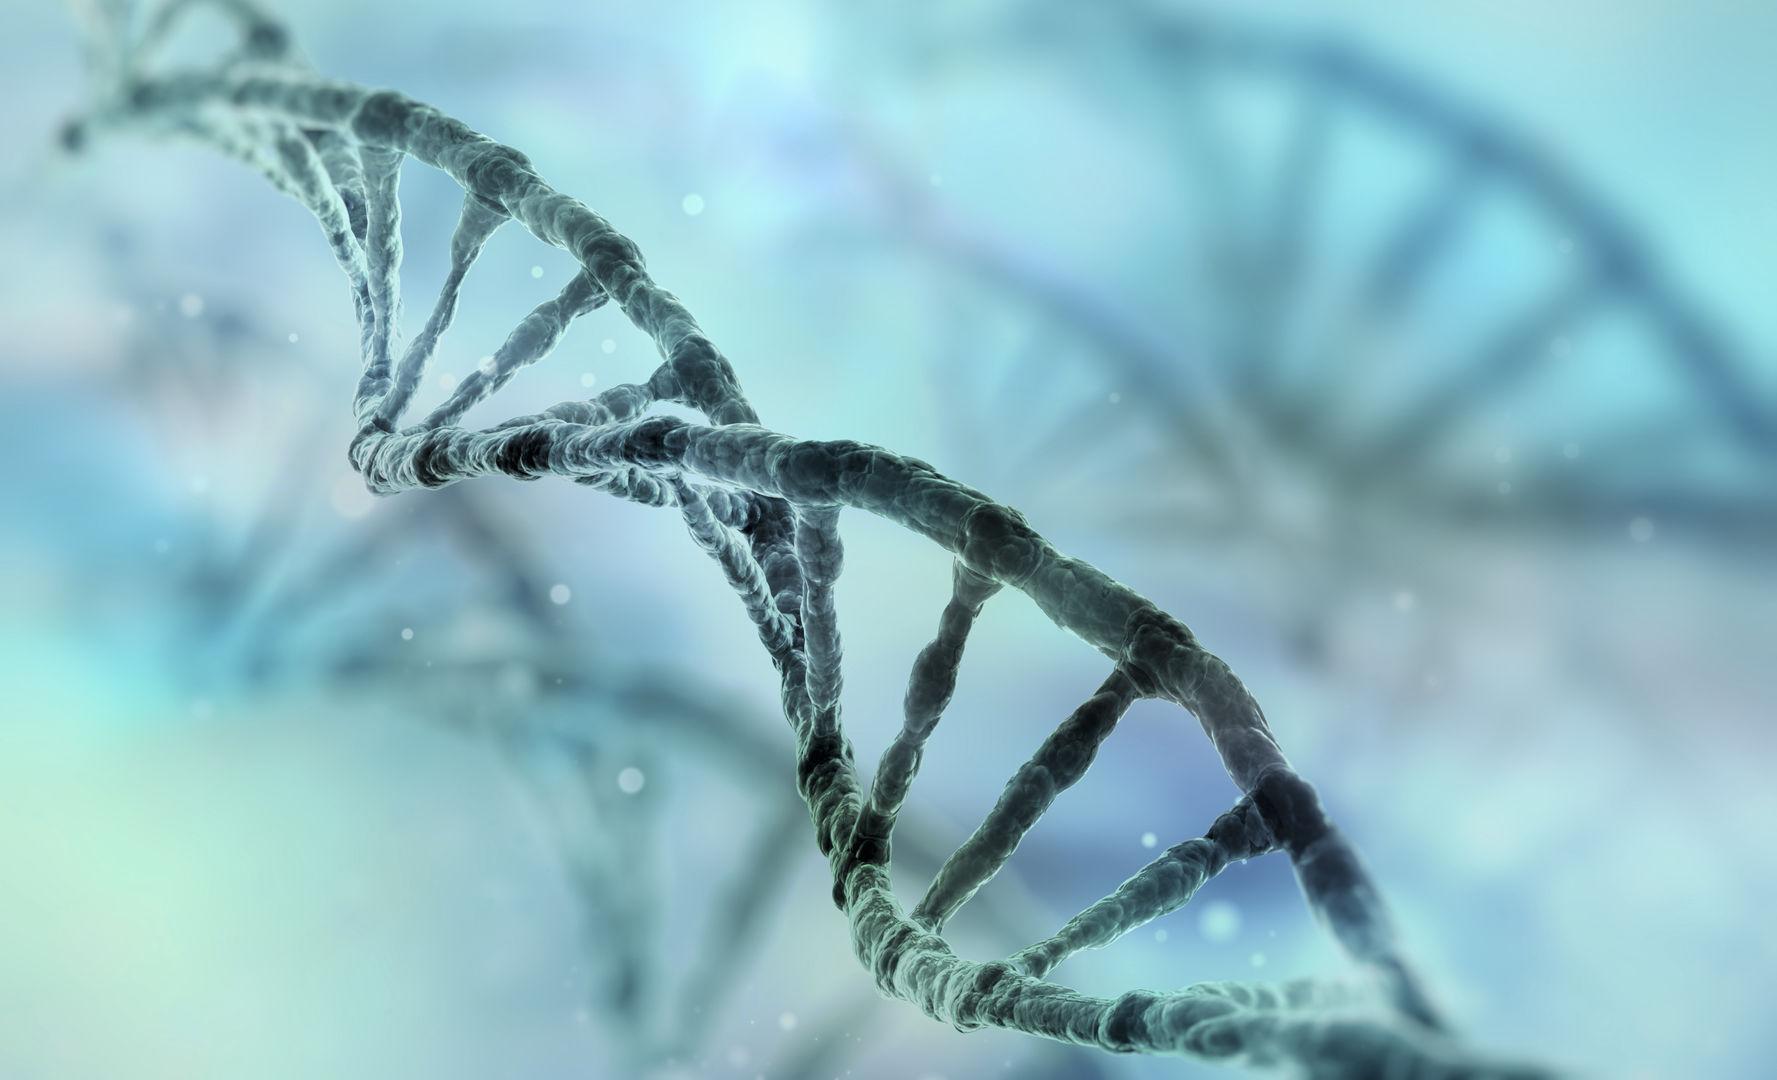 「喘息はアレルギーが原因ではなかった」特定の遺伝子を米研究者が発見